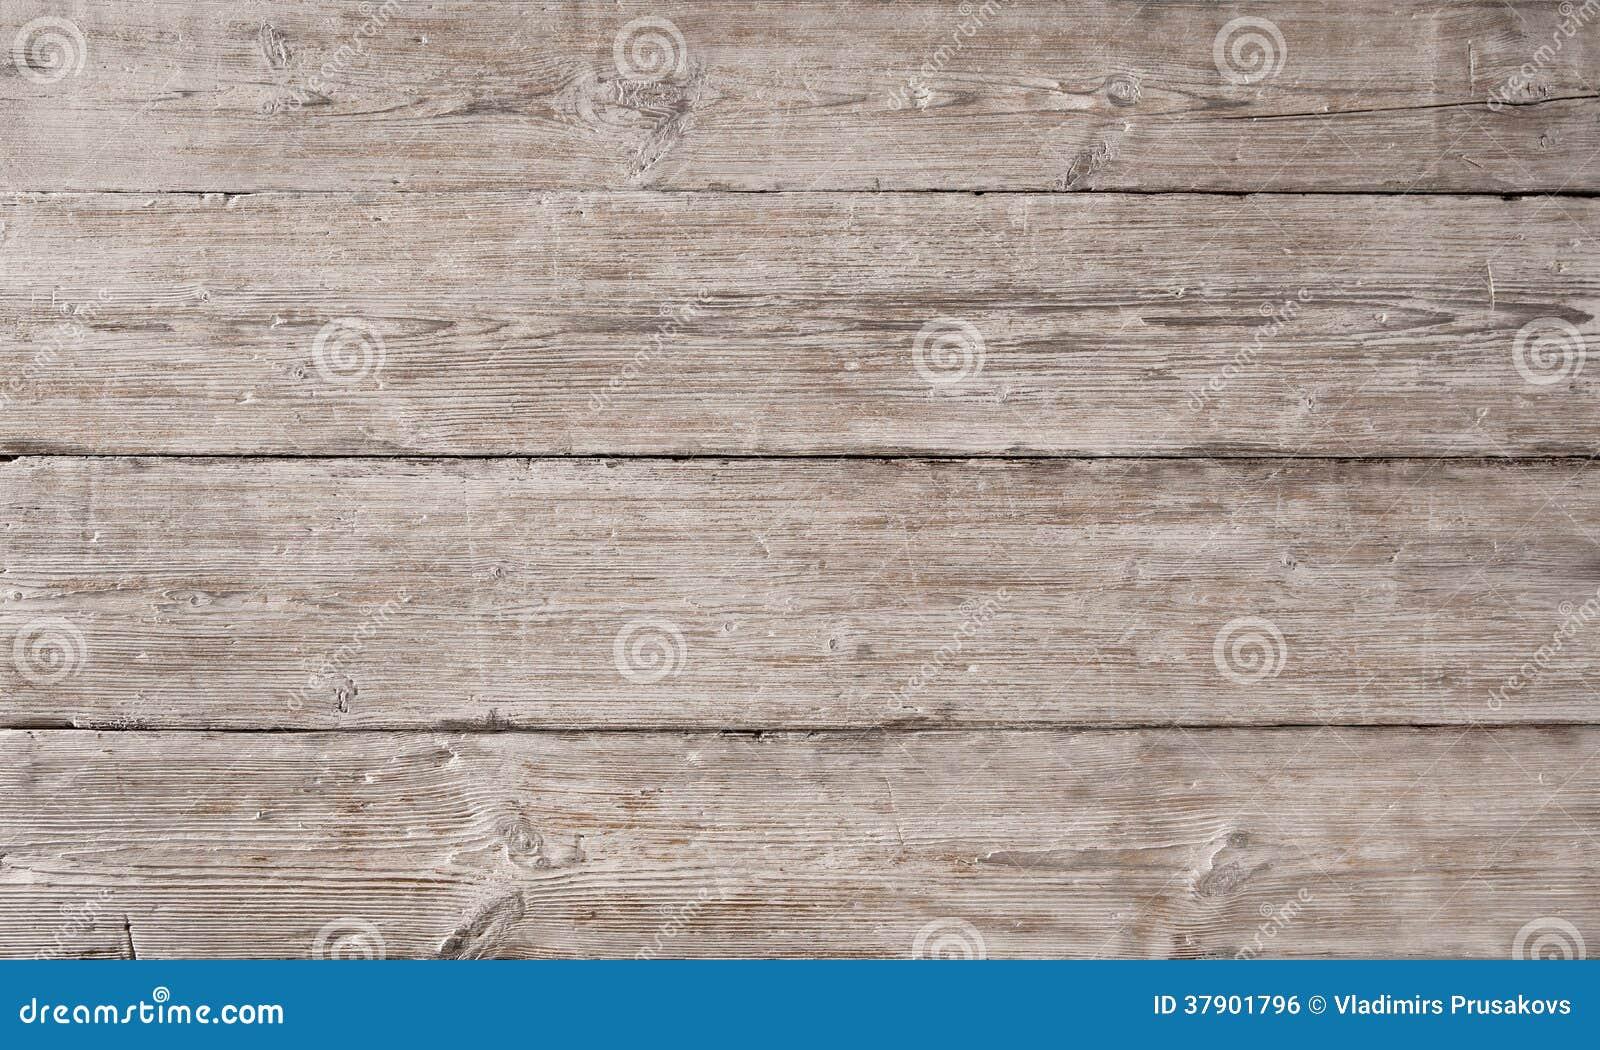 La texture en bois de grain de planche, conseil en bois a barré la fibre, vieux plancher